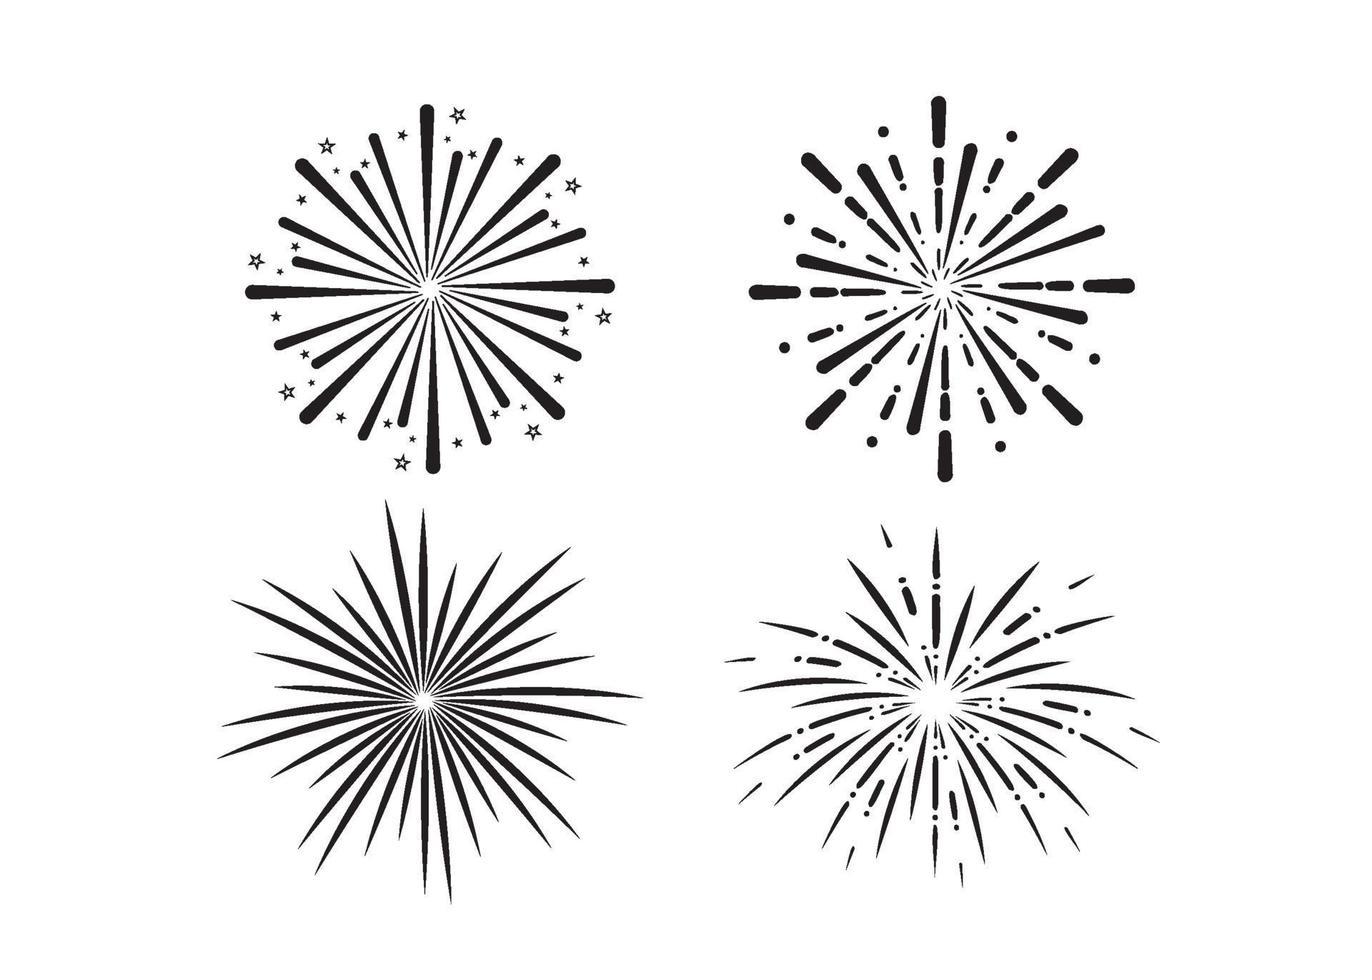 vuurwerk pictogram illustratie vector set